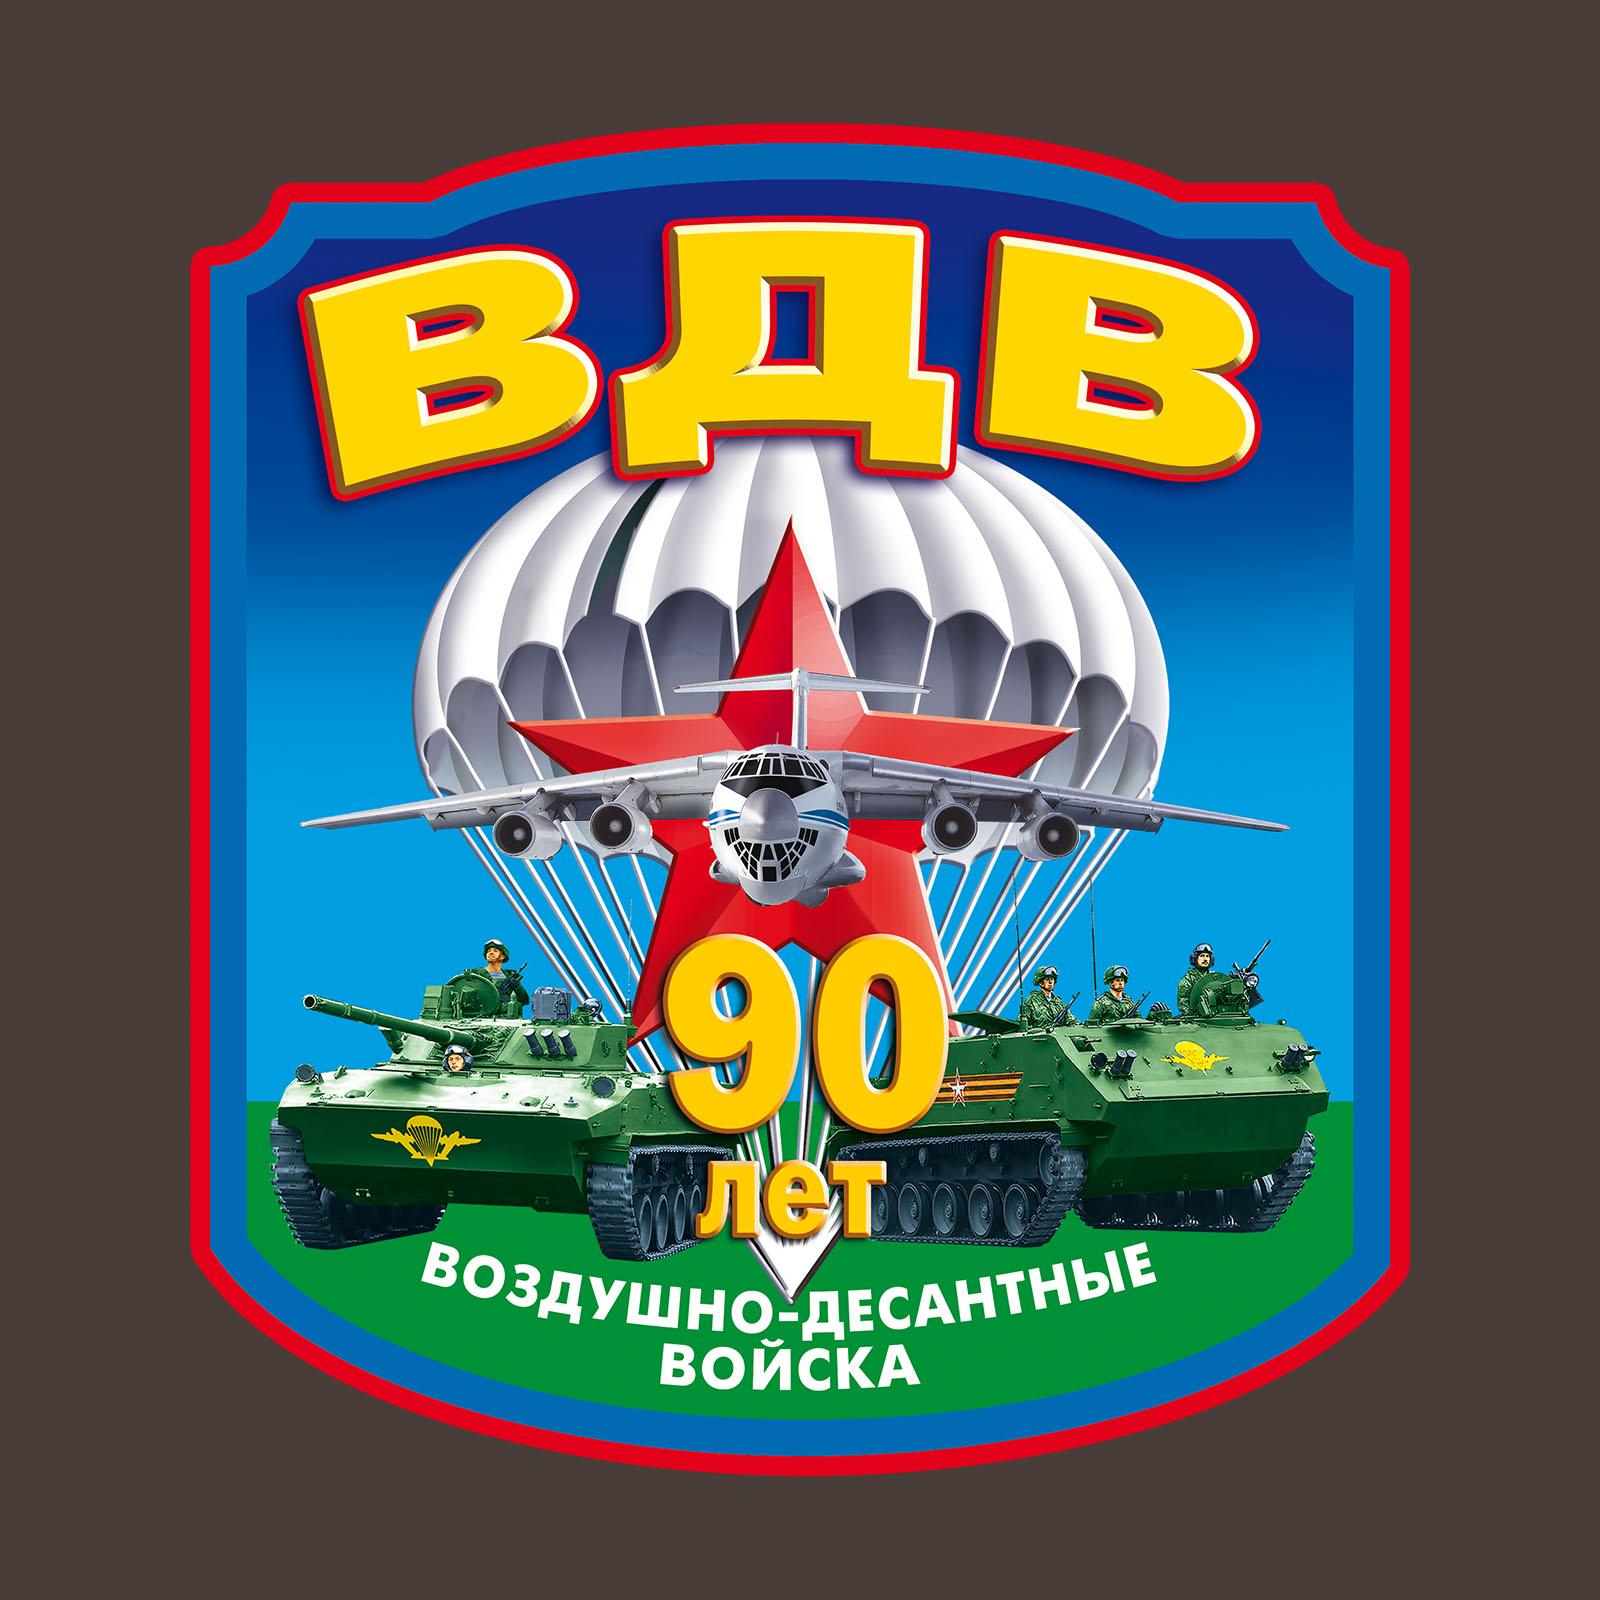 Оливковая футболка к 90-летию ВДВ